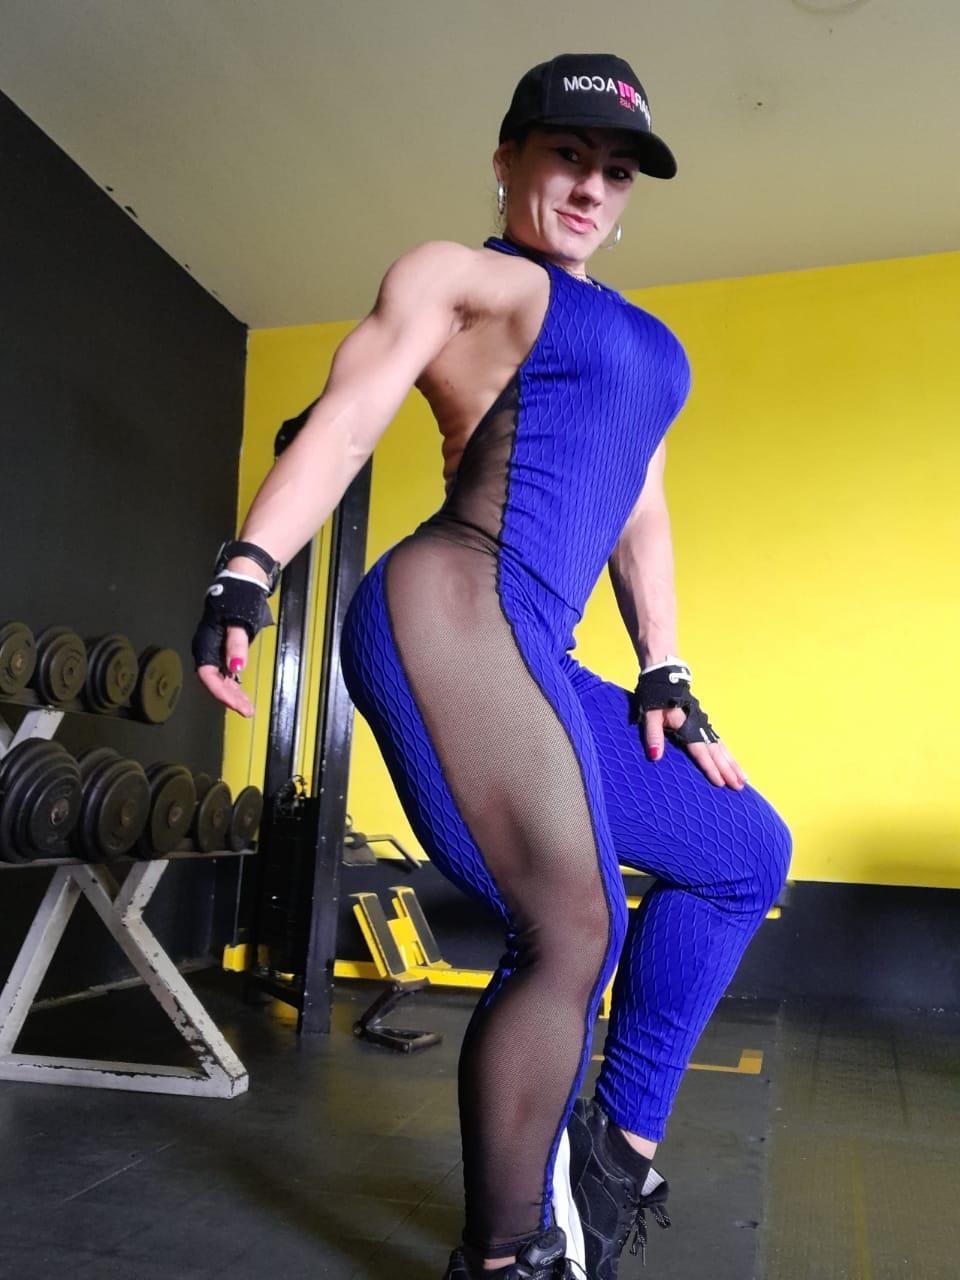 Sharon fitness?s=xmppbmo9oefmvmhqkg4kkcozjfkgycd8w8dy2xibfma=